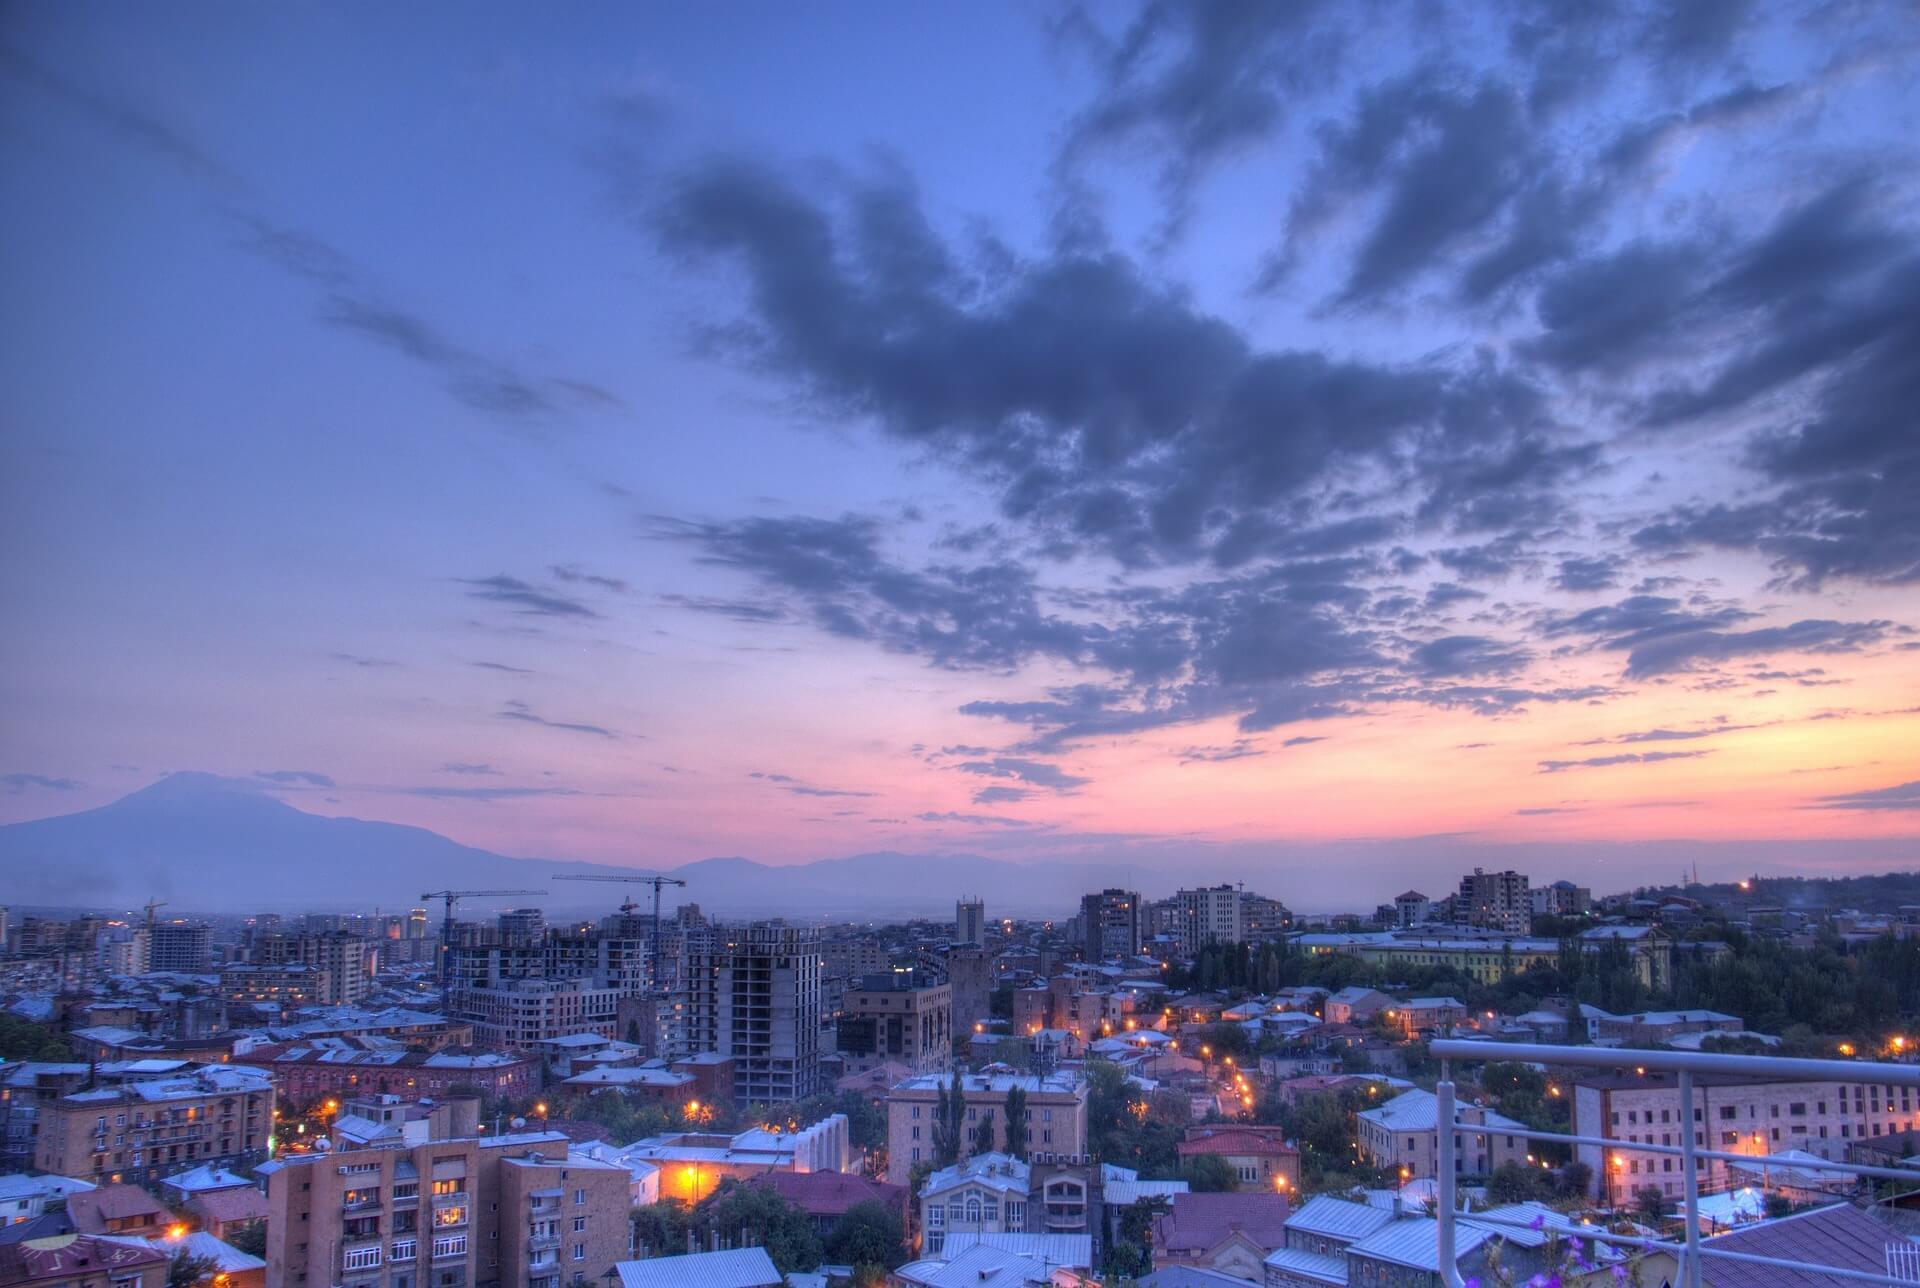 アルメニアの「ITビジネス」の実態とは?【アルメニア現地調査レポート〈後編〉】